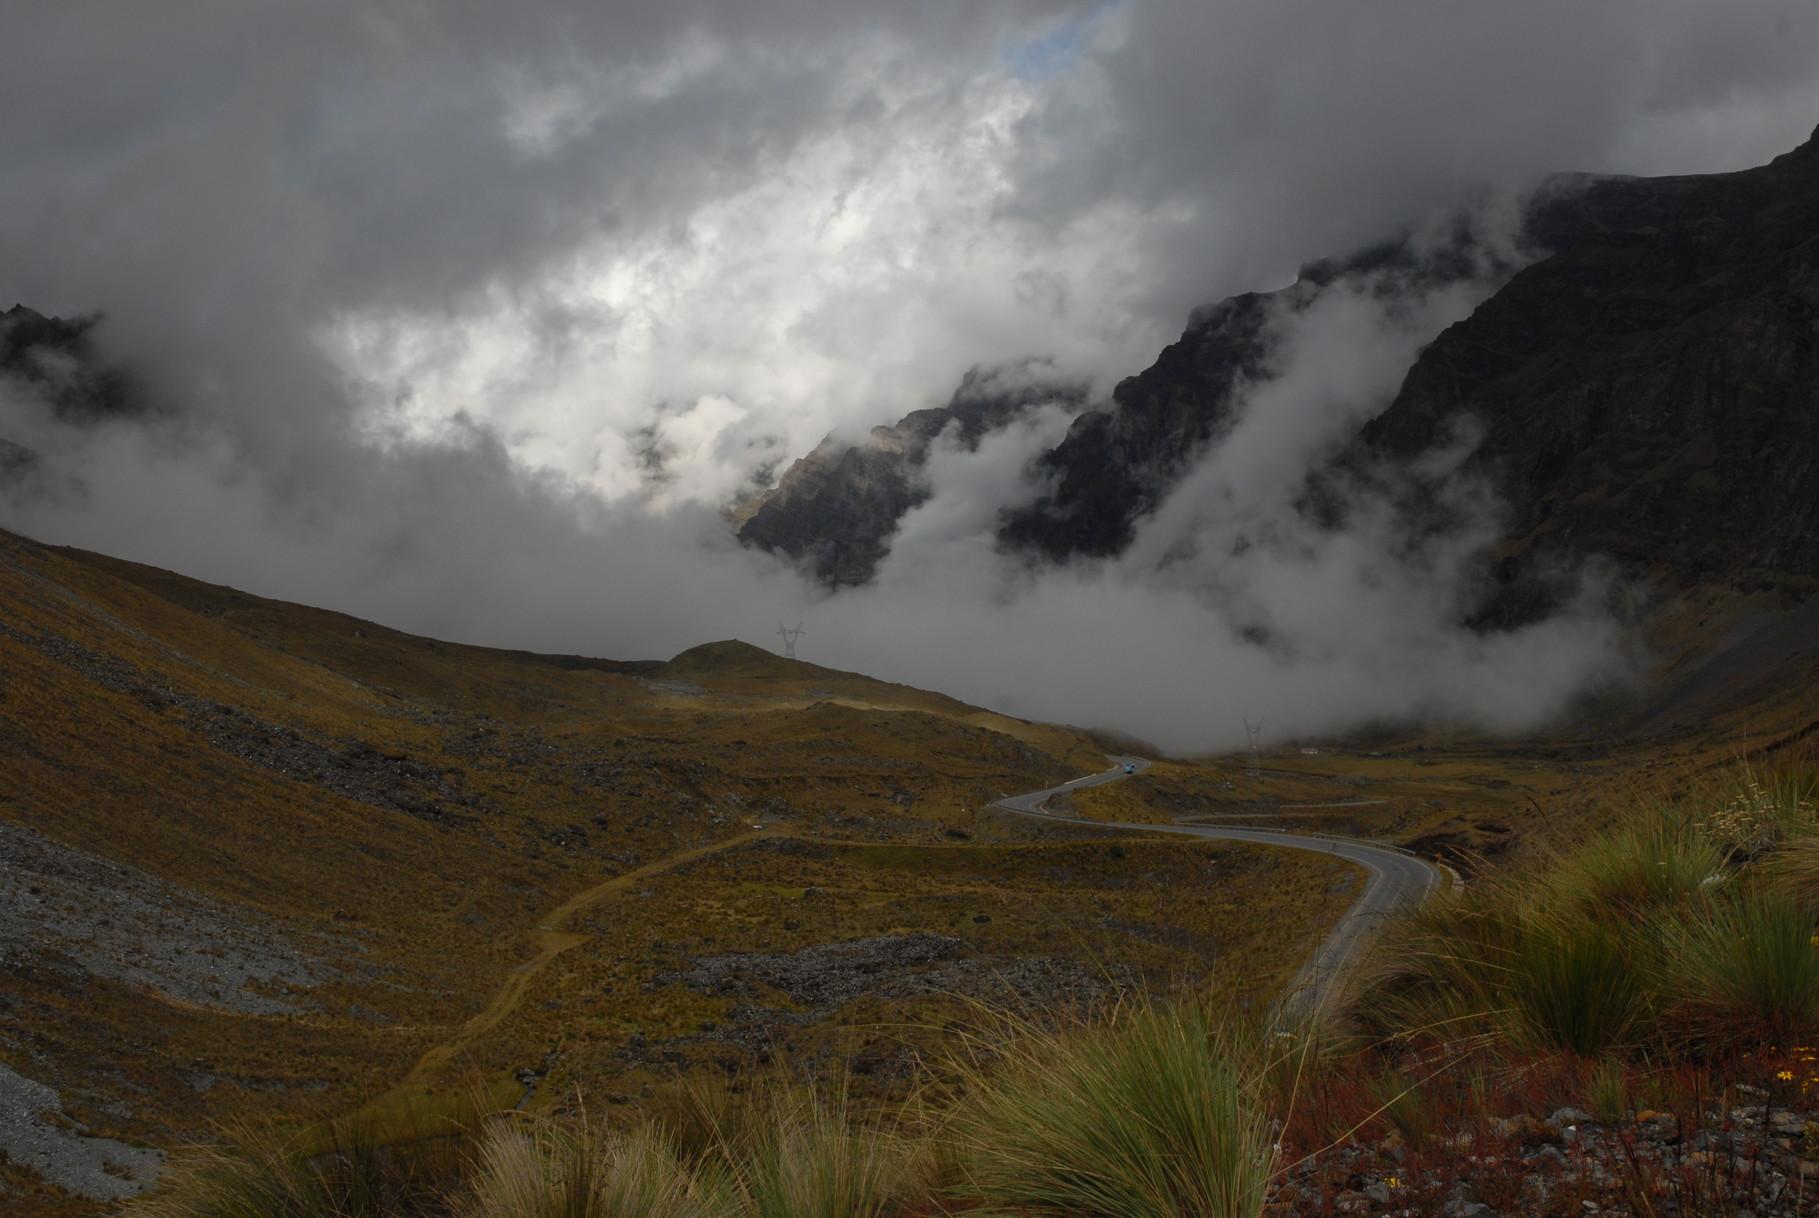 ... und produzierte geile Wolkenszenarien ind den bergen